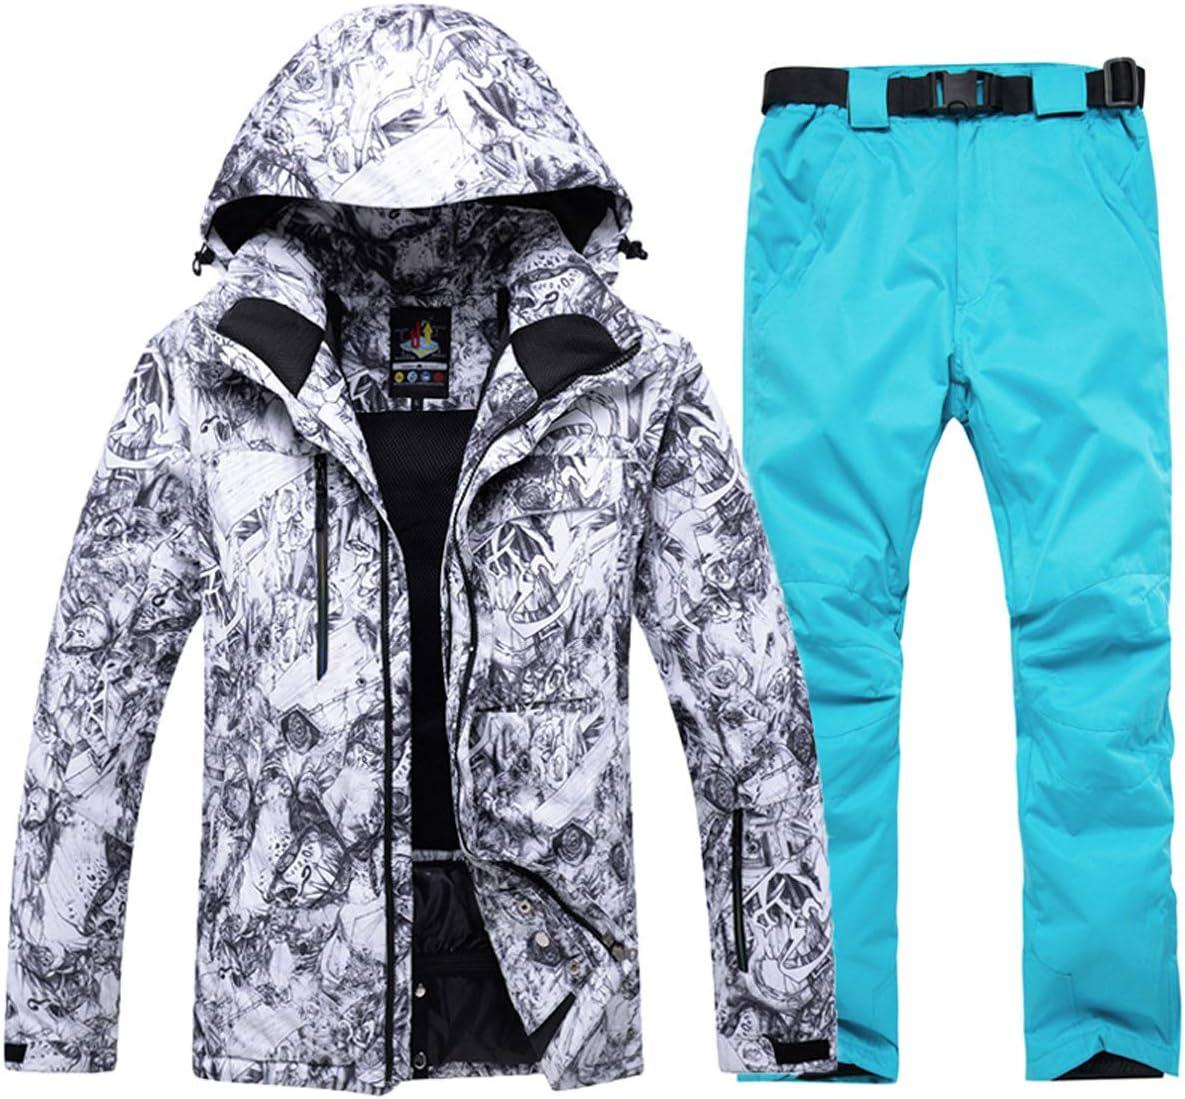 メンズ スノーボードウェア マウンテンジャケット スキーウェア 2点セット スキージャケット コート 保温 撥水加工 アウトドア スキー 釣り用 上着ホワイト+シアン ジャケットXL+パンツXXL